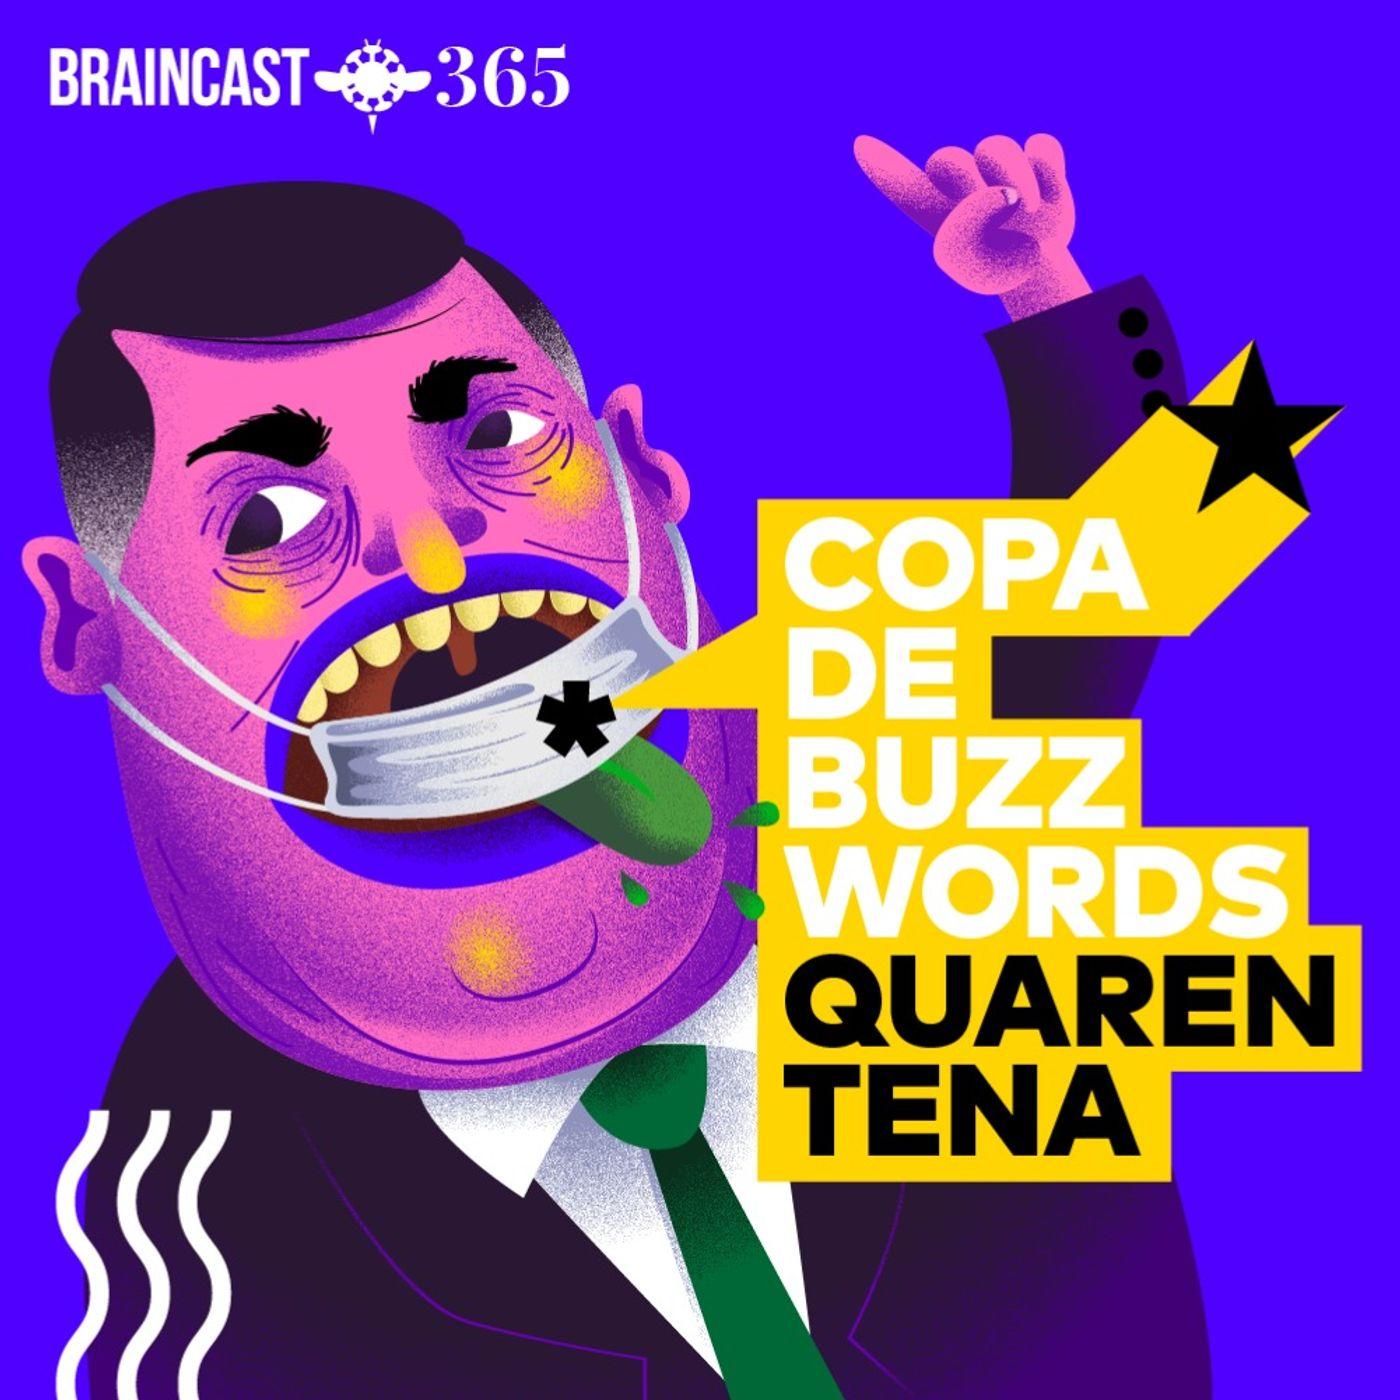 Copa de Buzzwords: Edição Quarentena